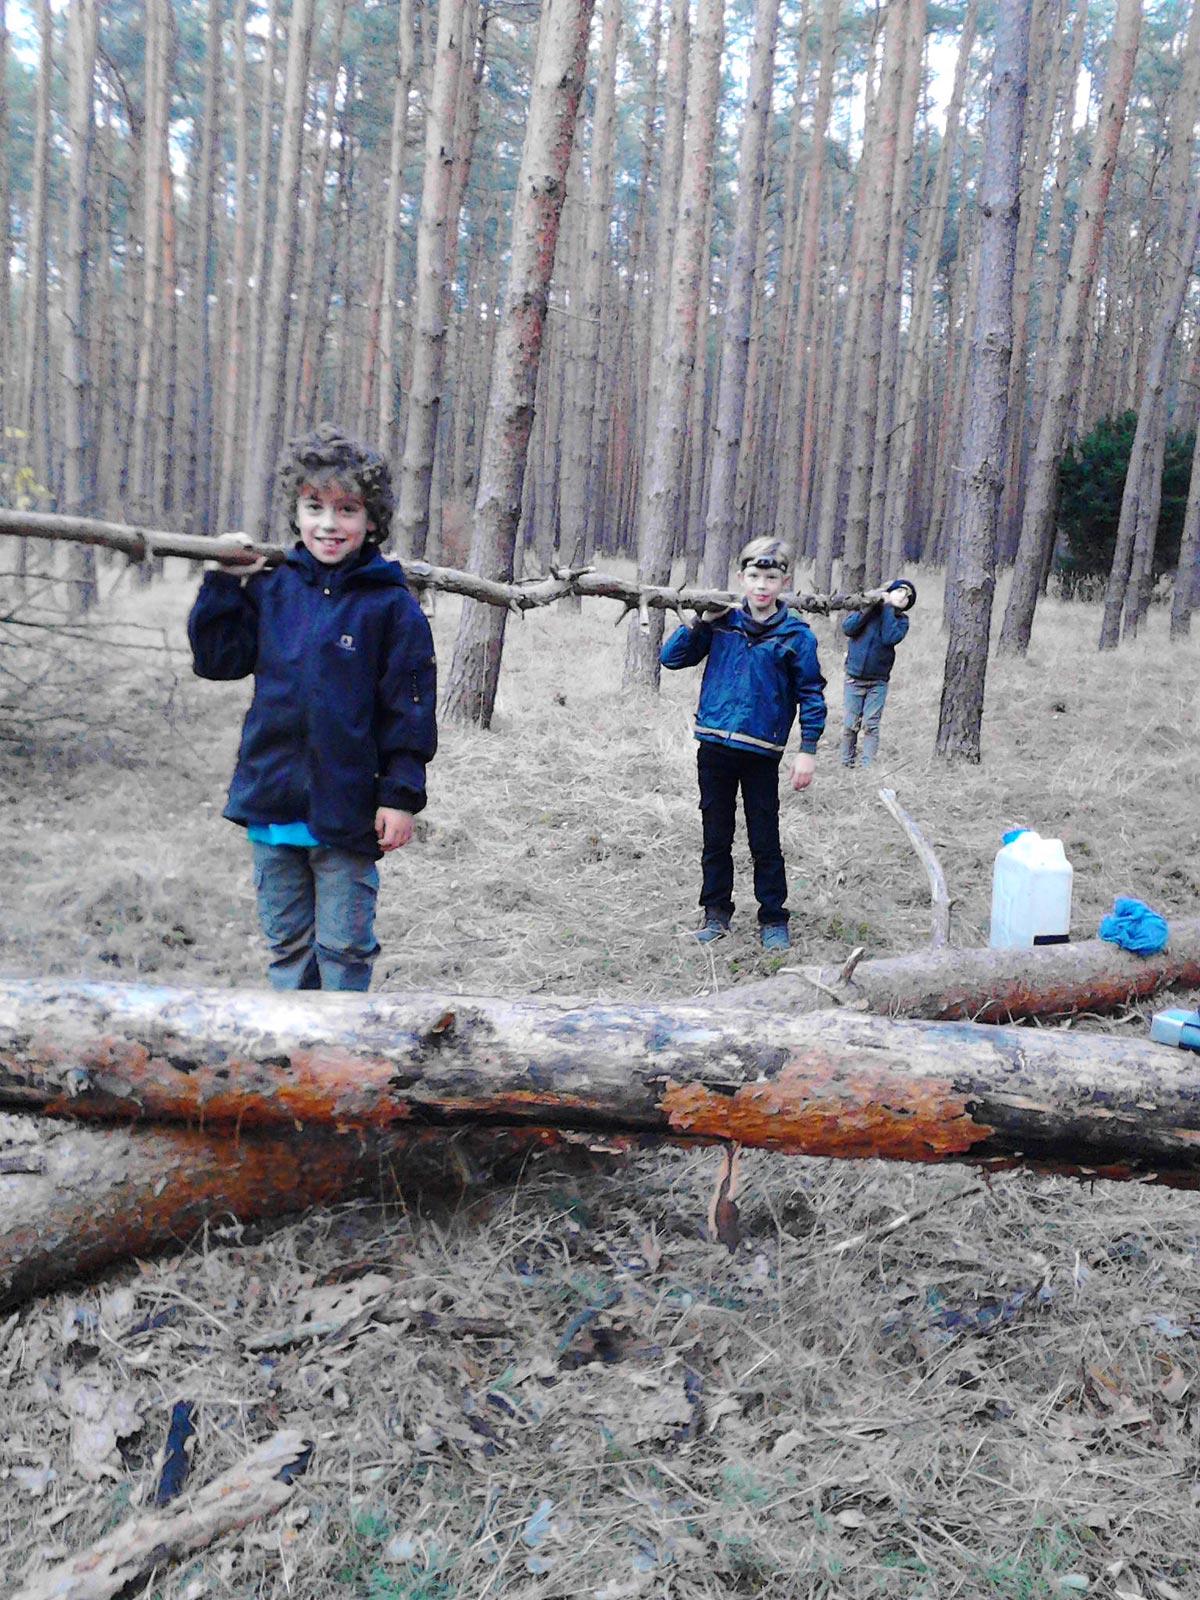 Kinder tragen Holz - Baooms, die Pfadfinder von Brück